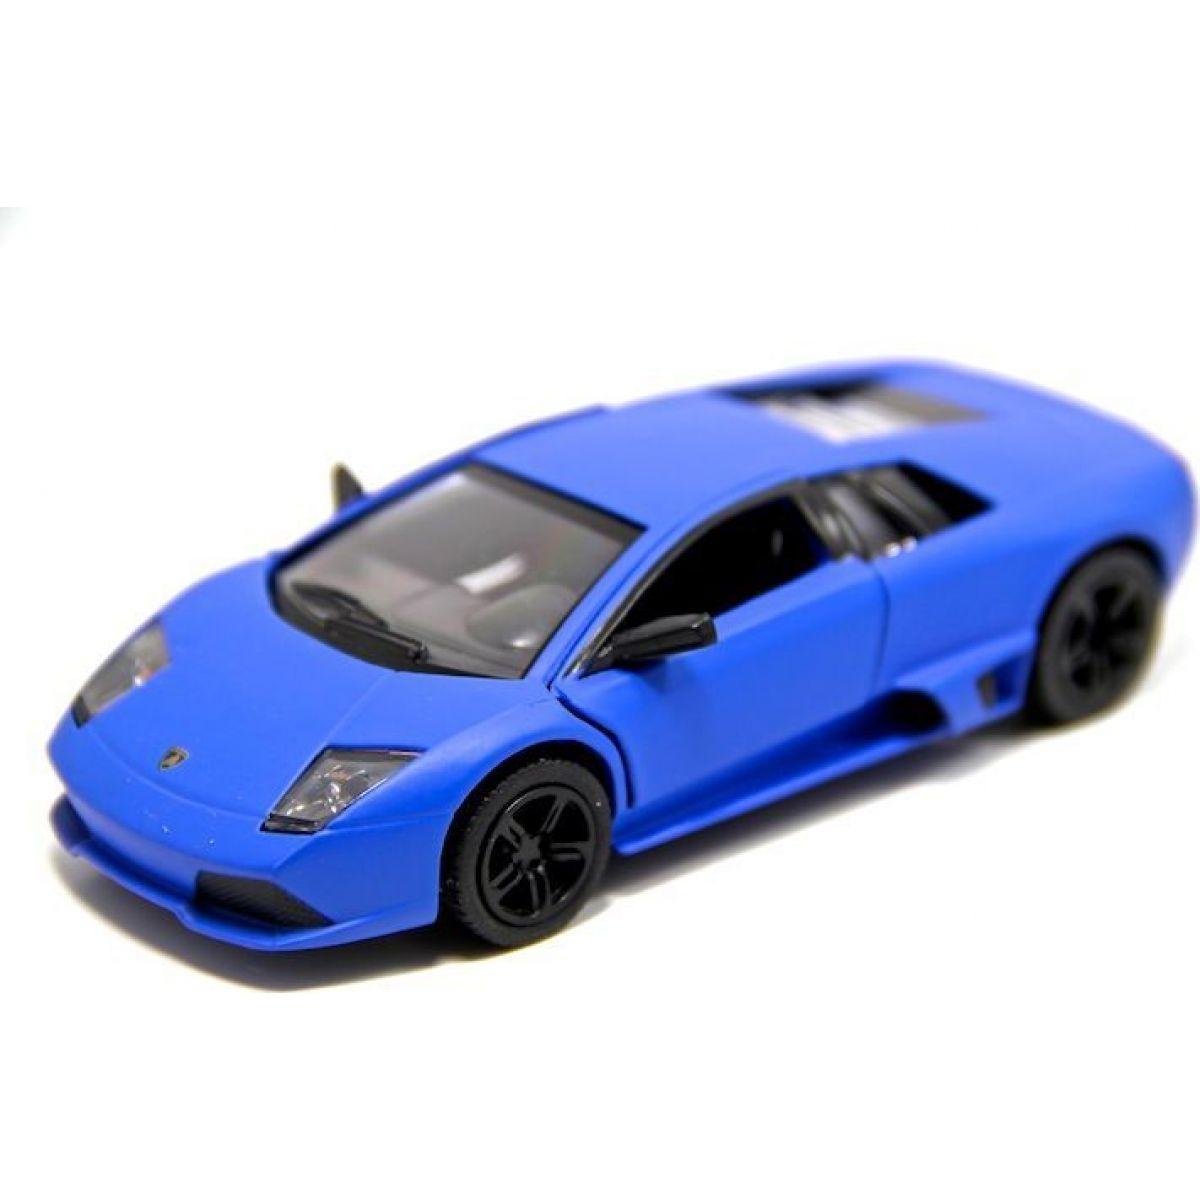 Kinsmart Auto Lamborghini Murciélago kov 12,5cm na zpětné natažení - Modrá